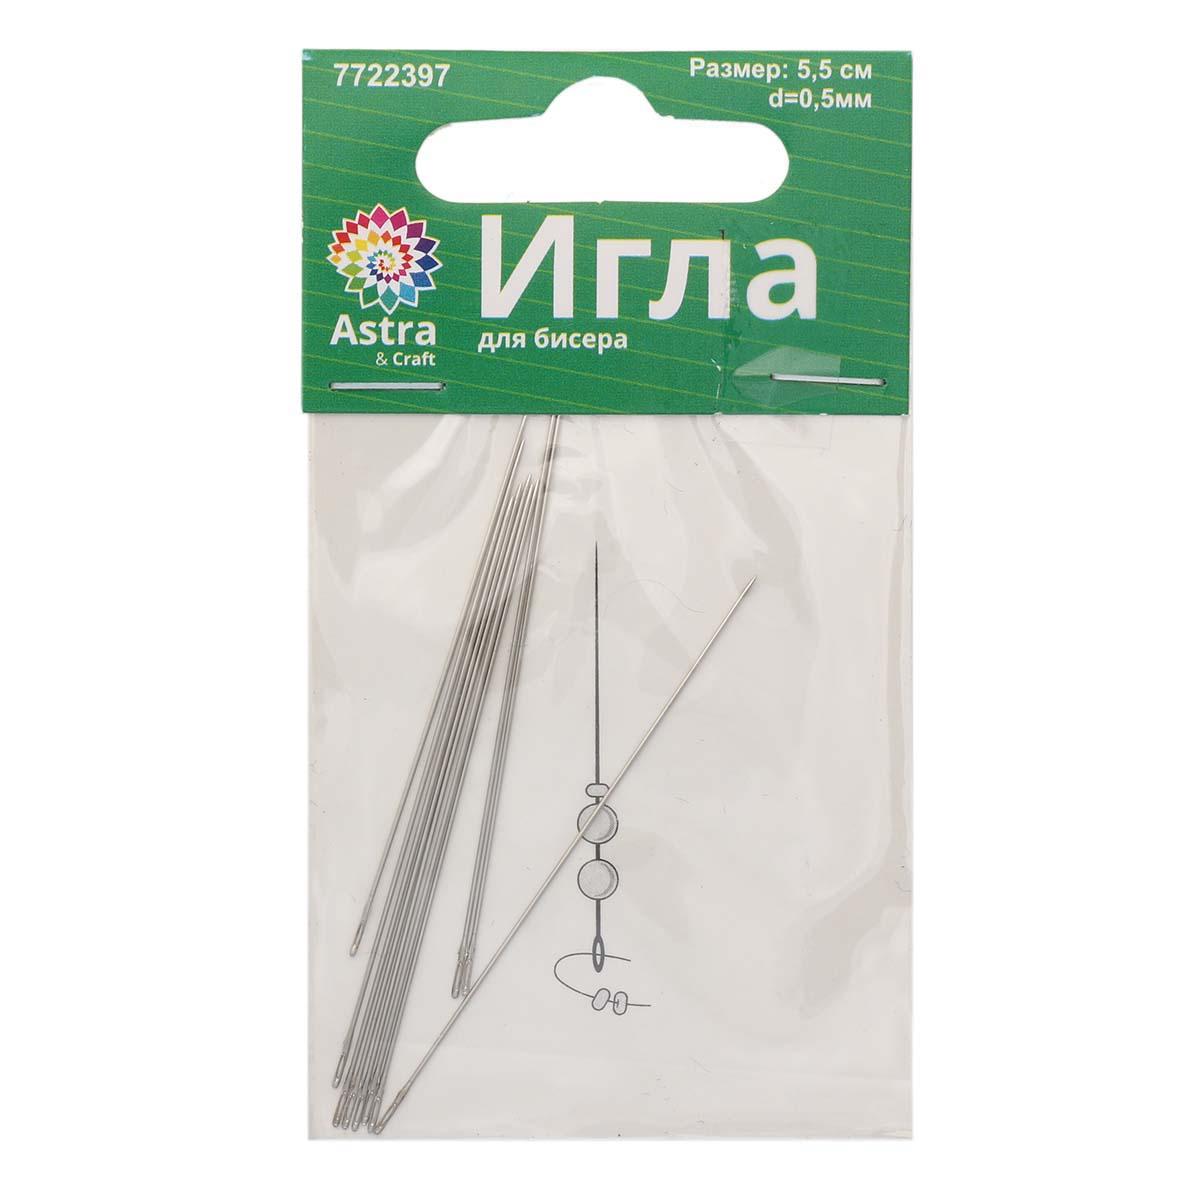 XQ268 Игла для бисера 5,5см, d 0,5mm, 10шт, Астра